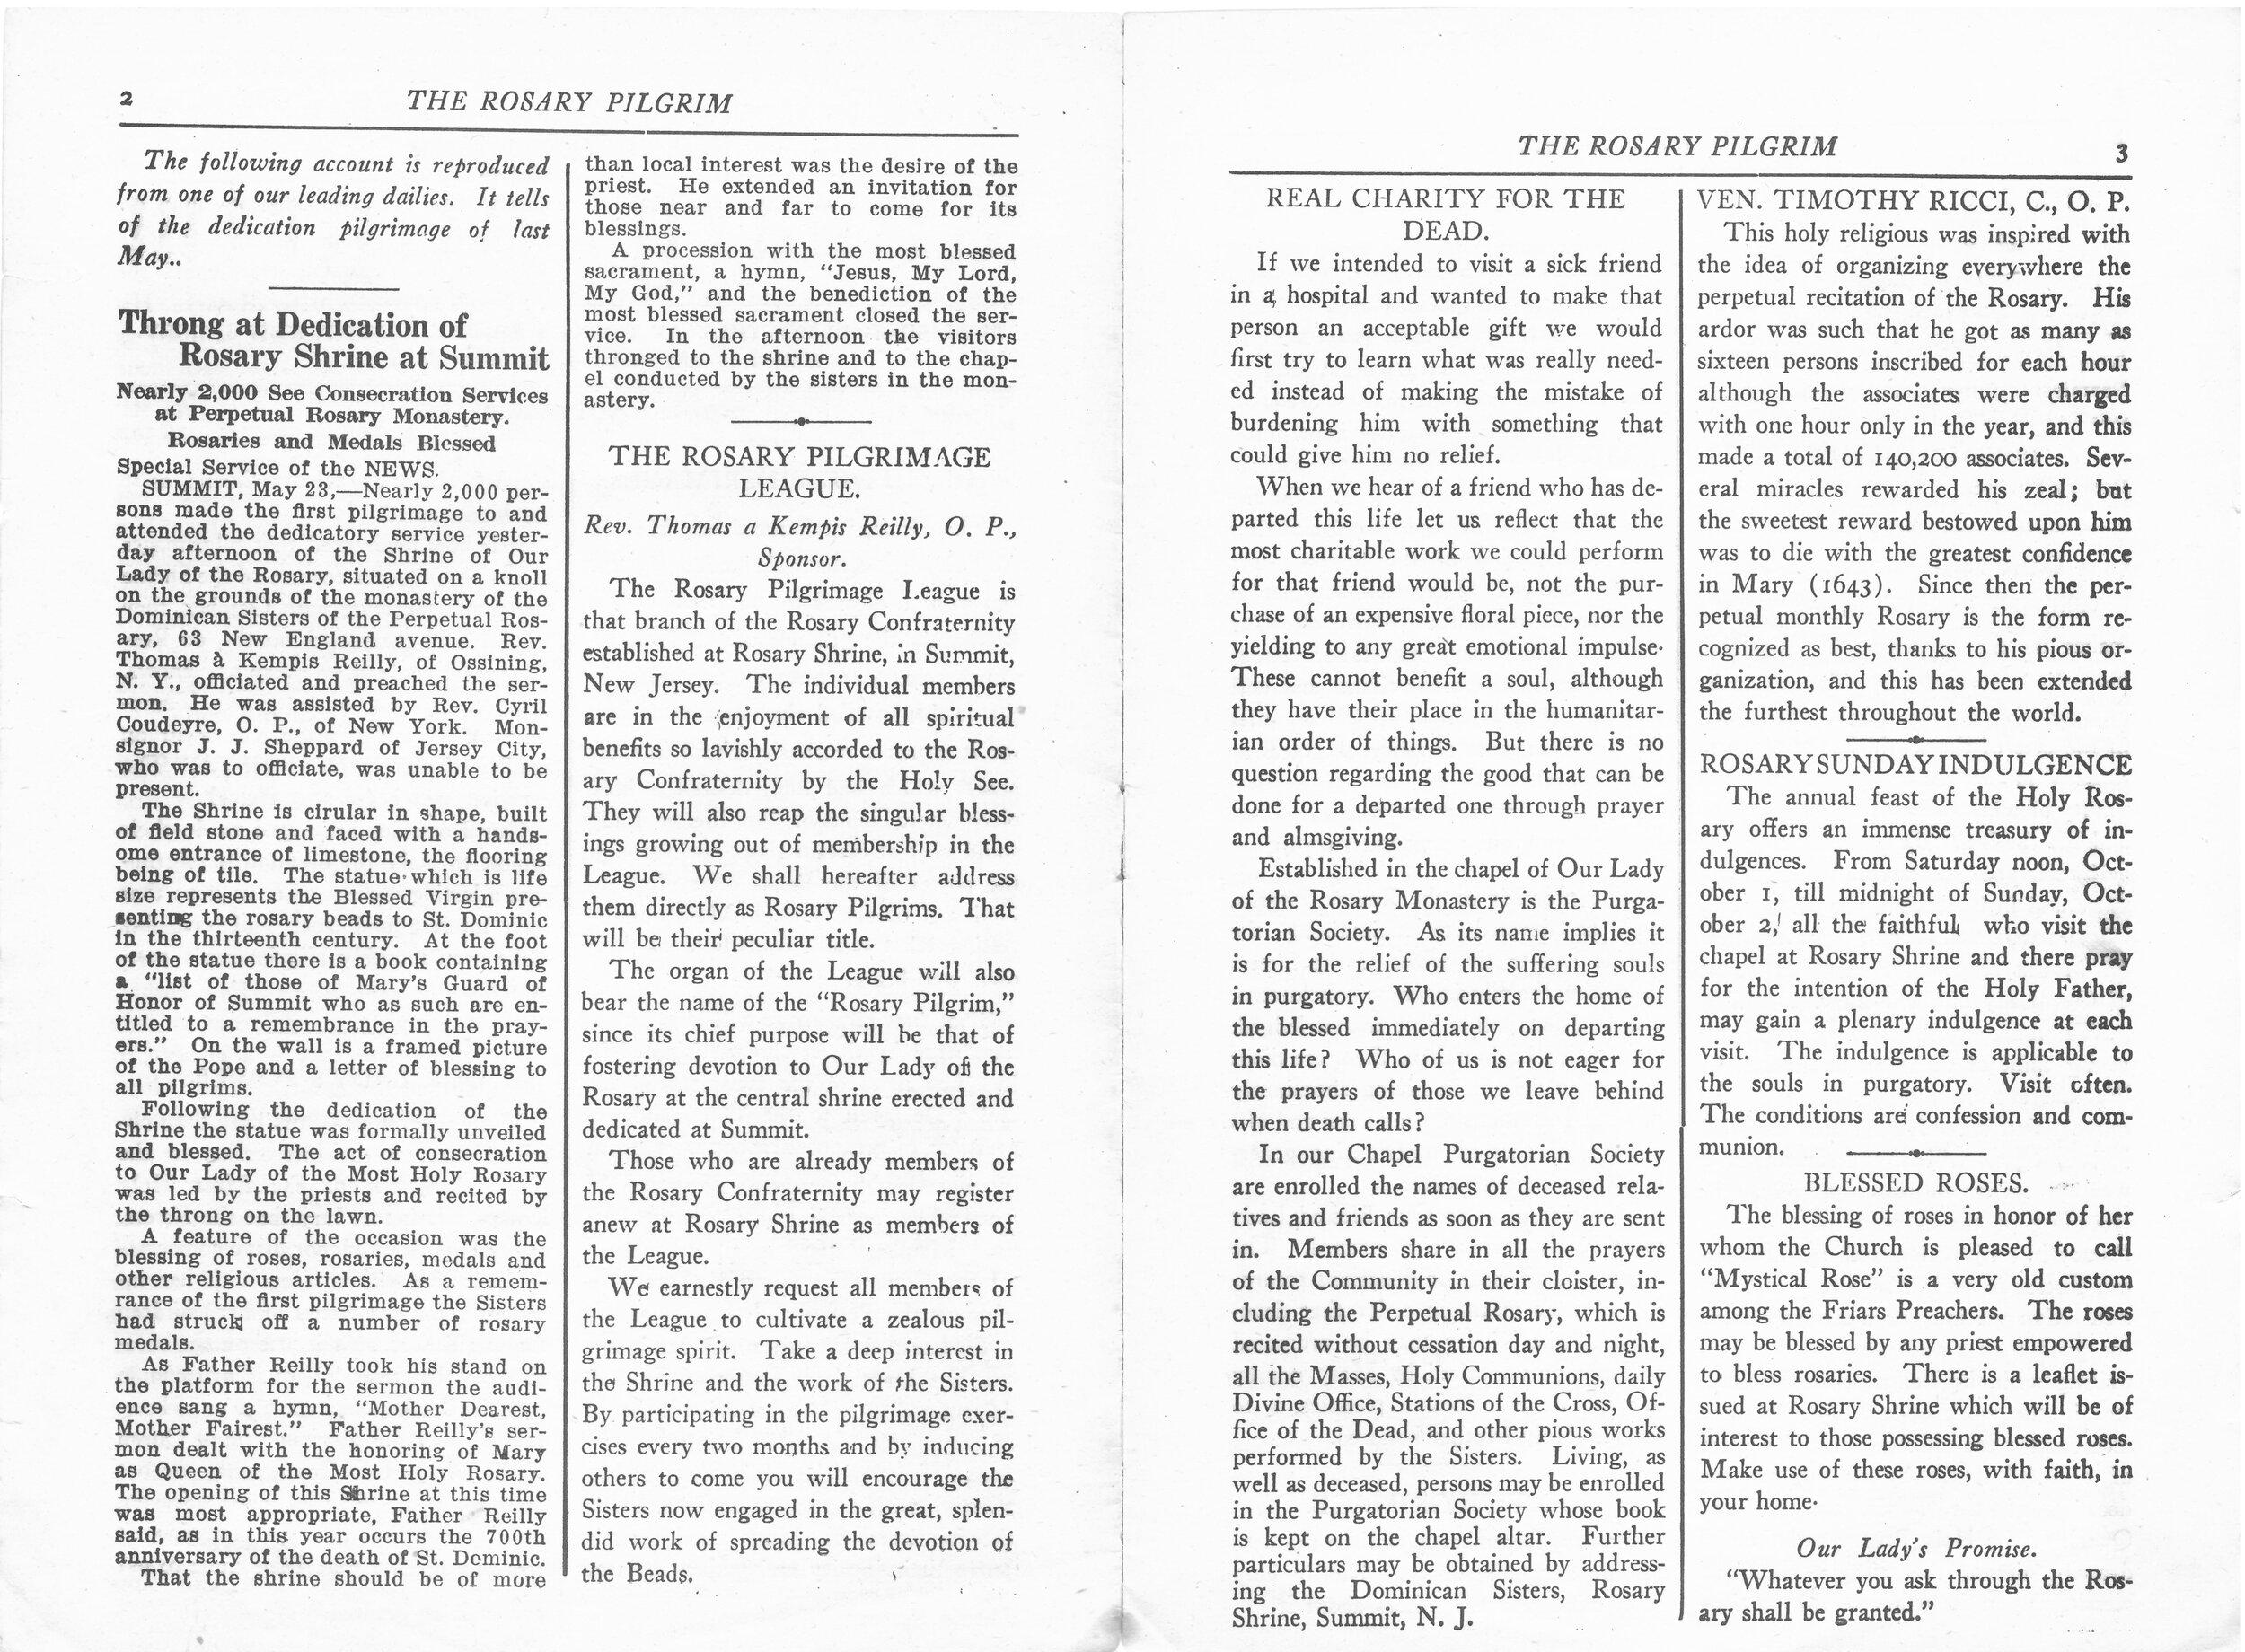 Rosary Pilgrim 1 page 2-3.jpg